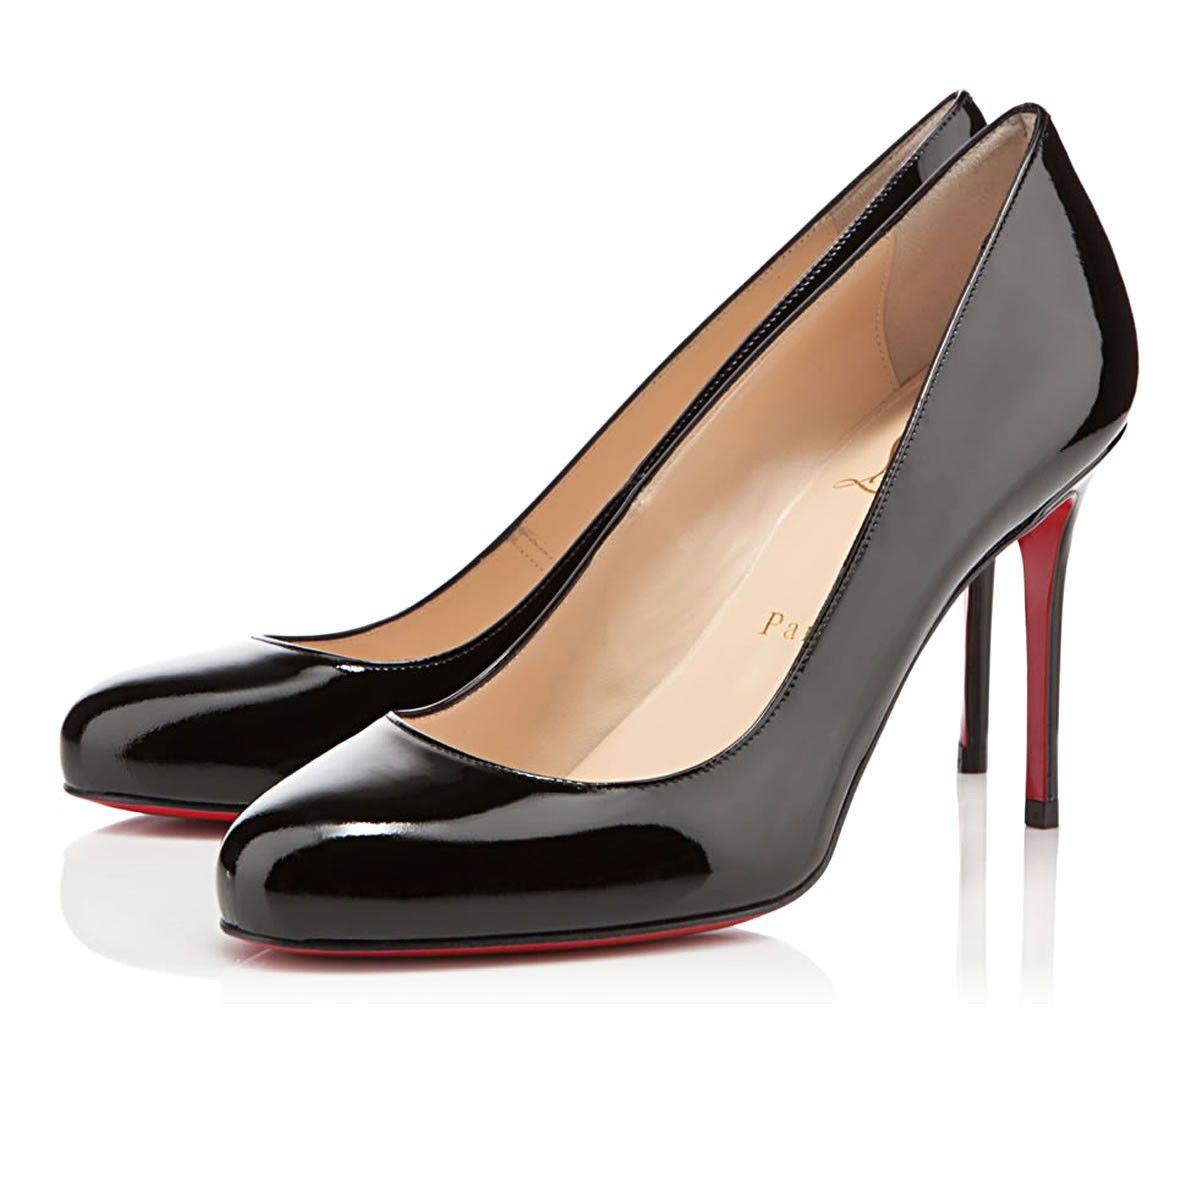 ou trouver des chaussures louboutin en belgique